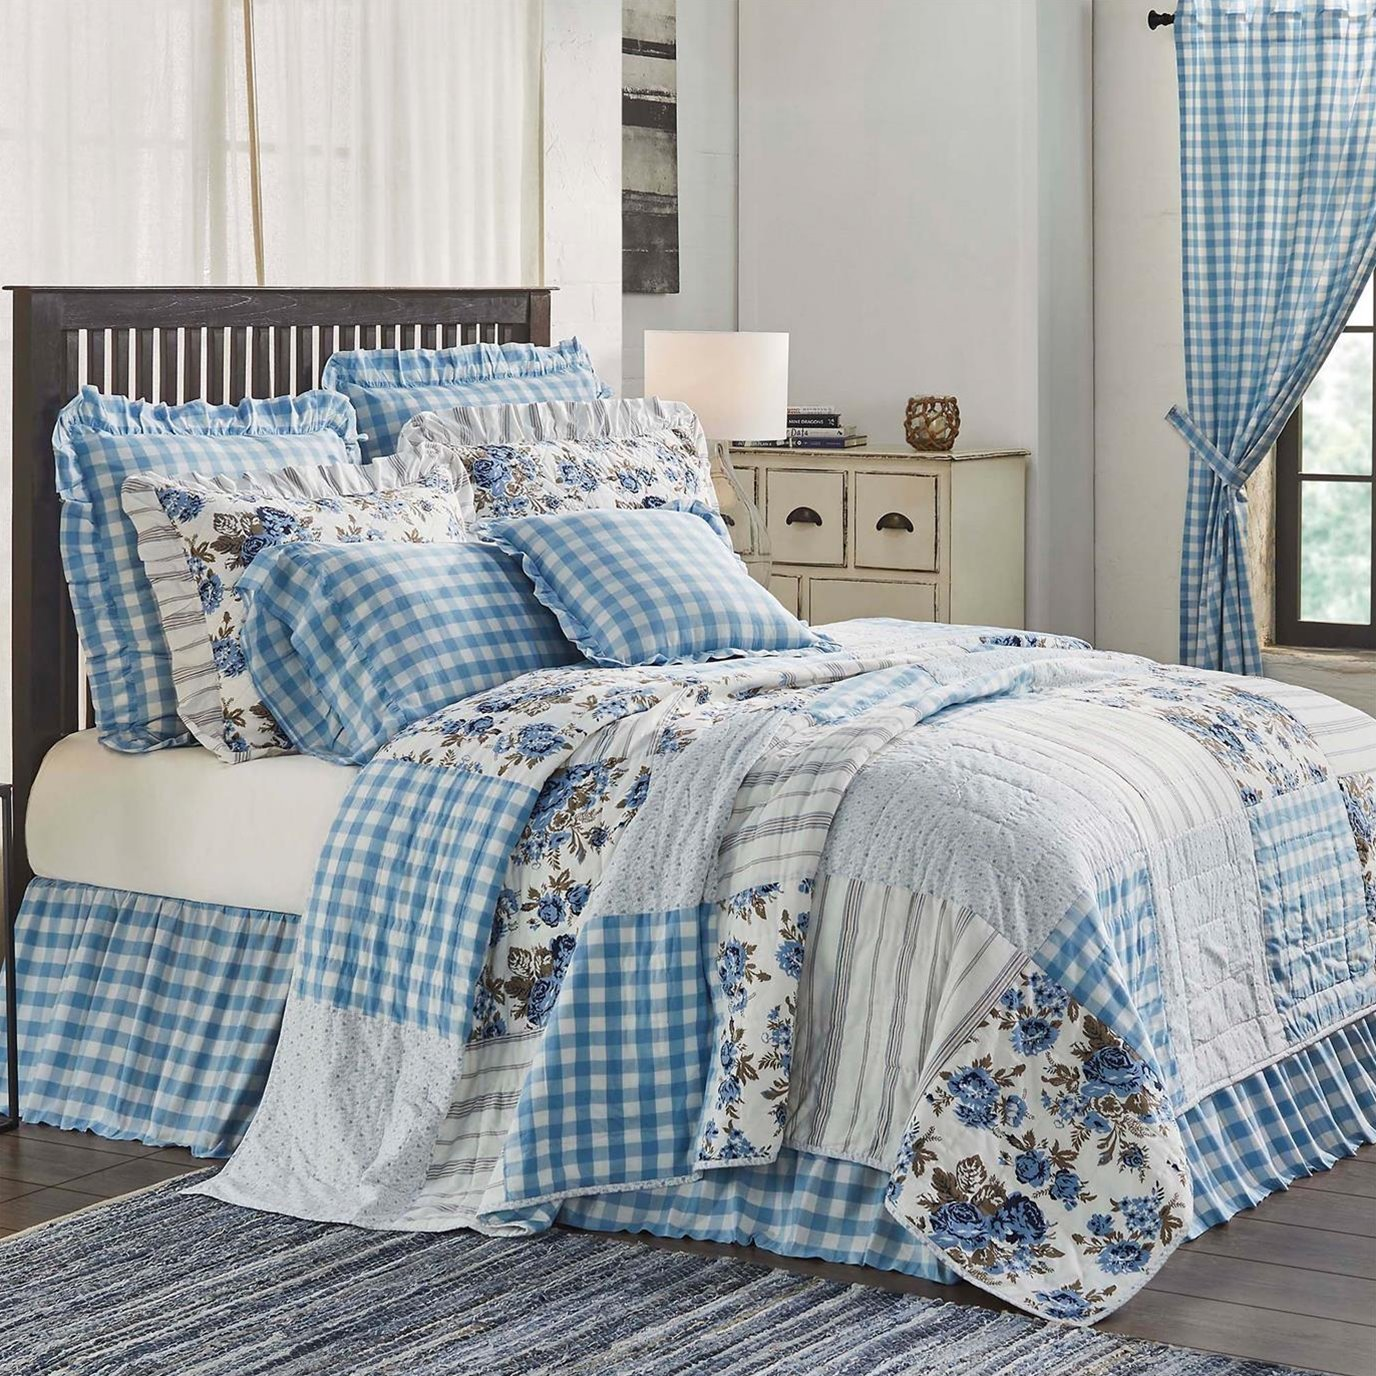 Annie Blue Floral Patch King Quilt 105Wx95L